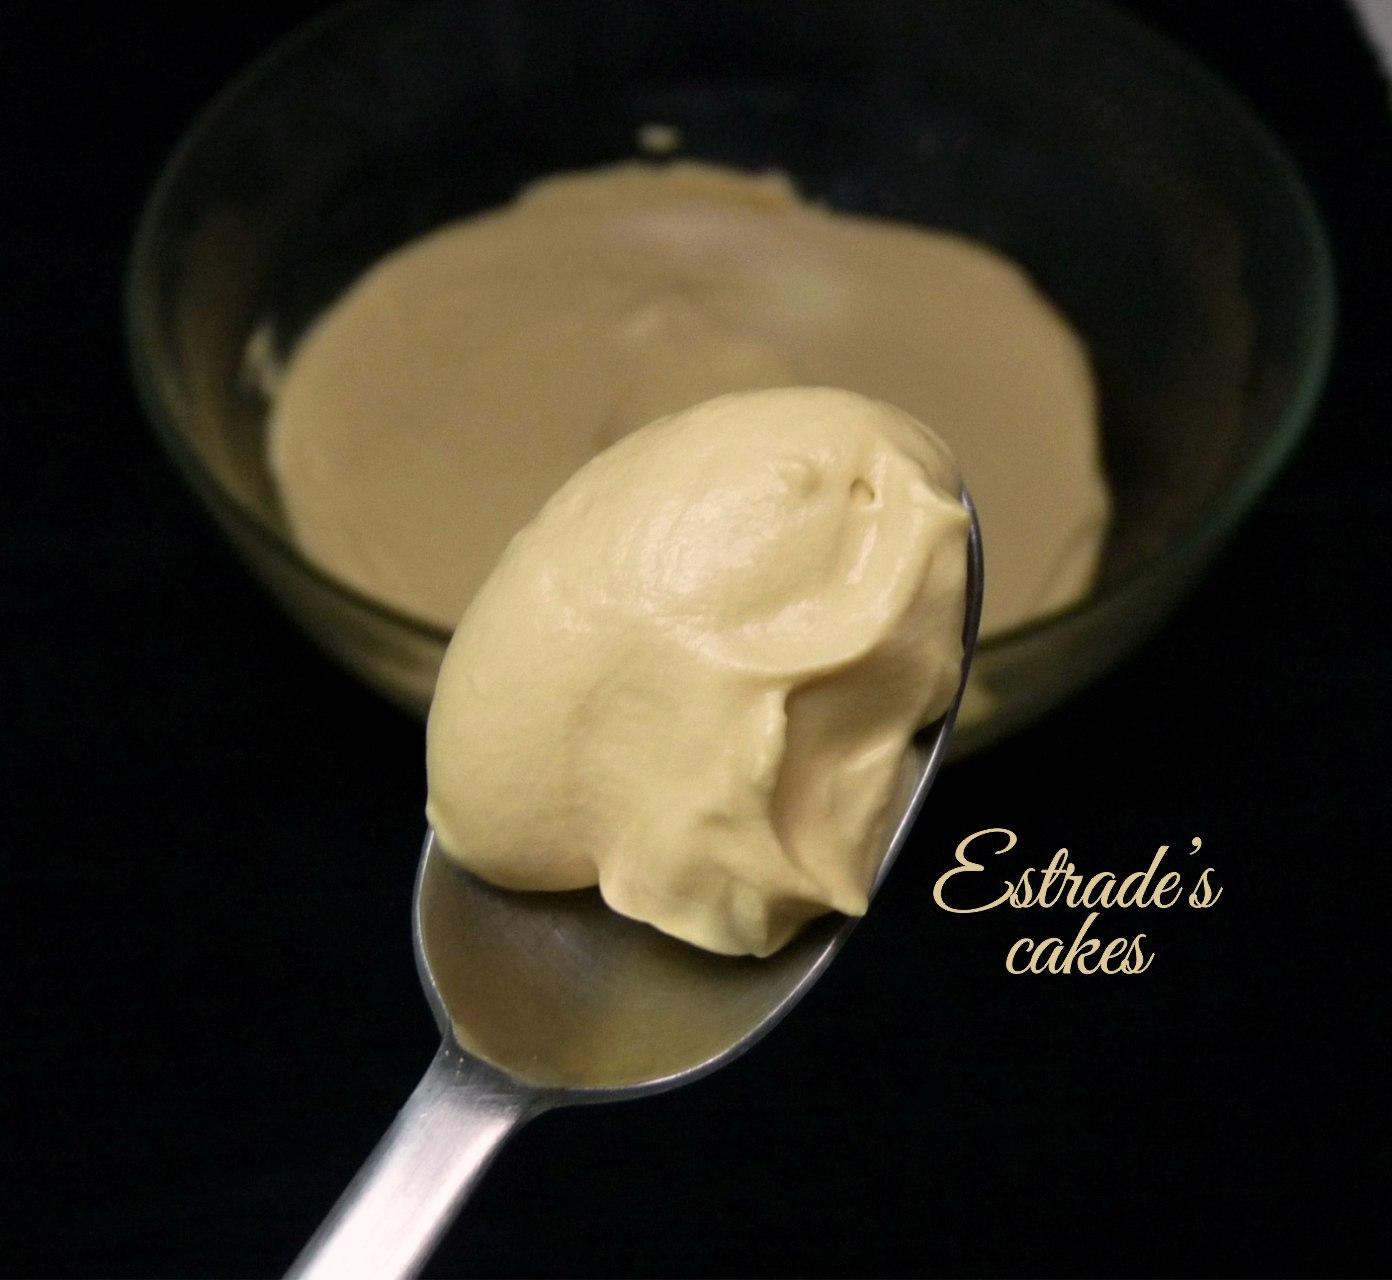 receta de crema sabor Werther - 2